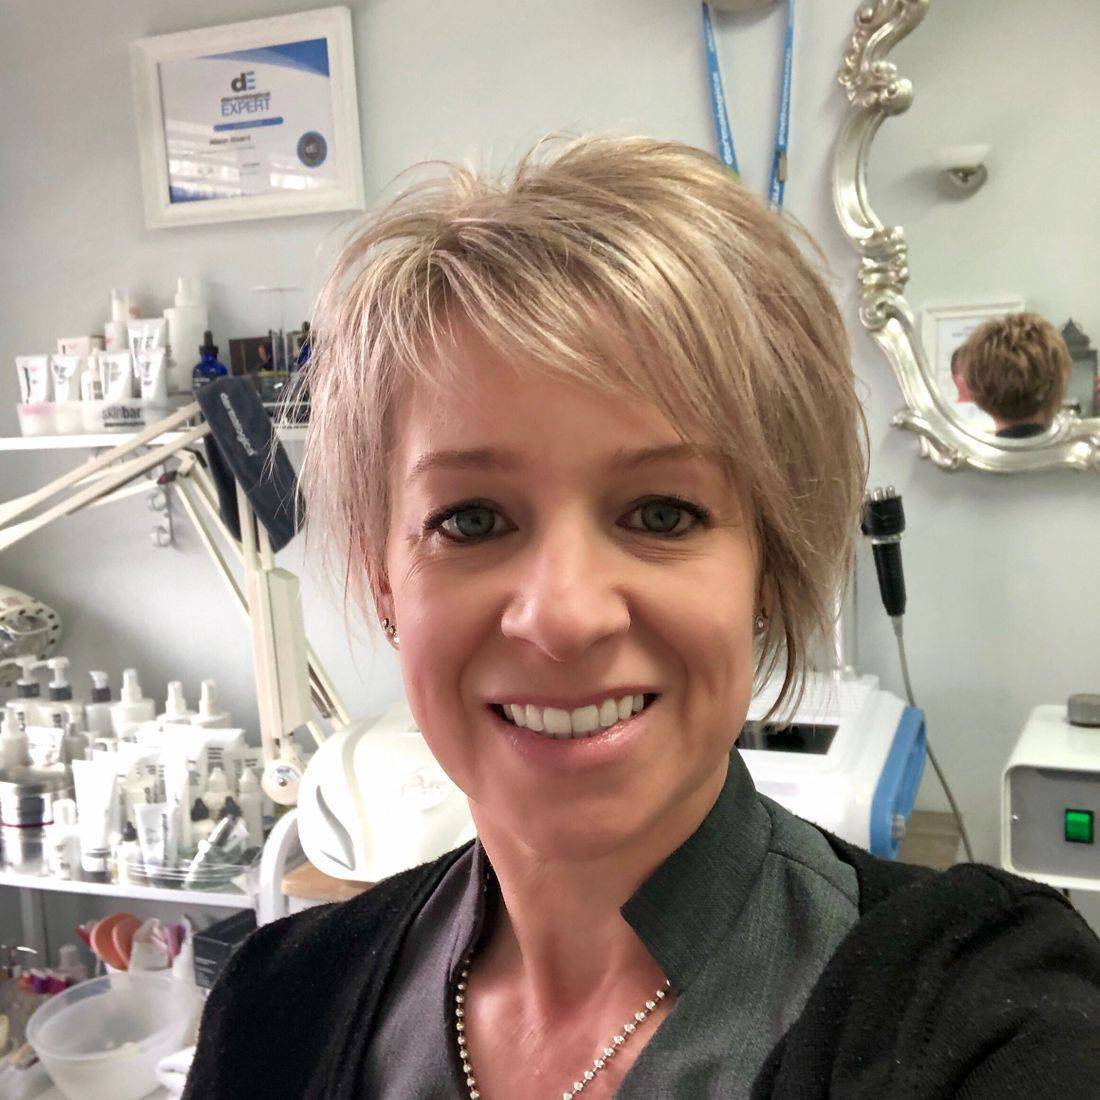 Allison Board Creativity Beauty Solutions Reading Skin Beauty Salon